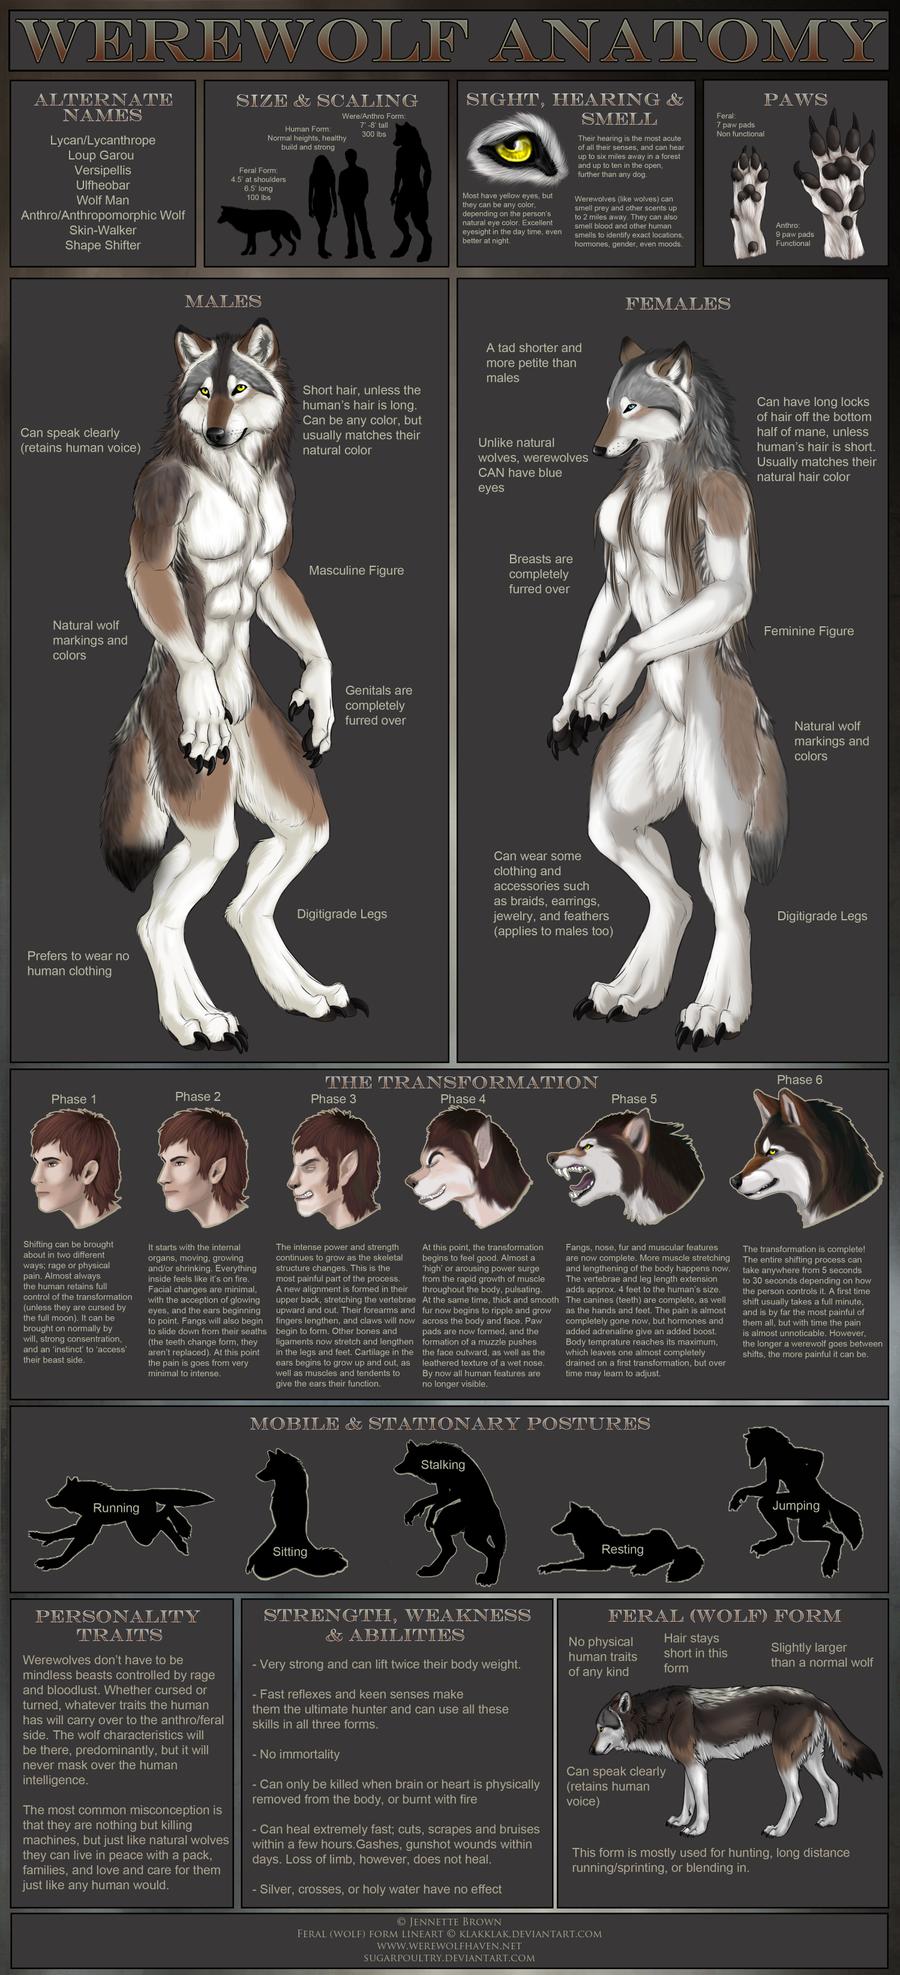 Werewolf Anatomy by sugarpoultry